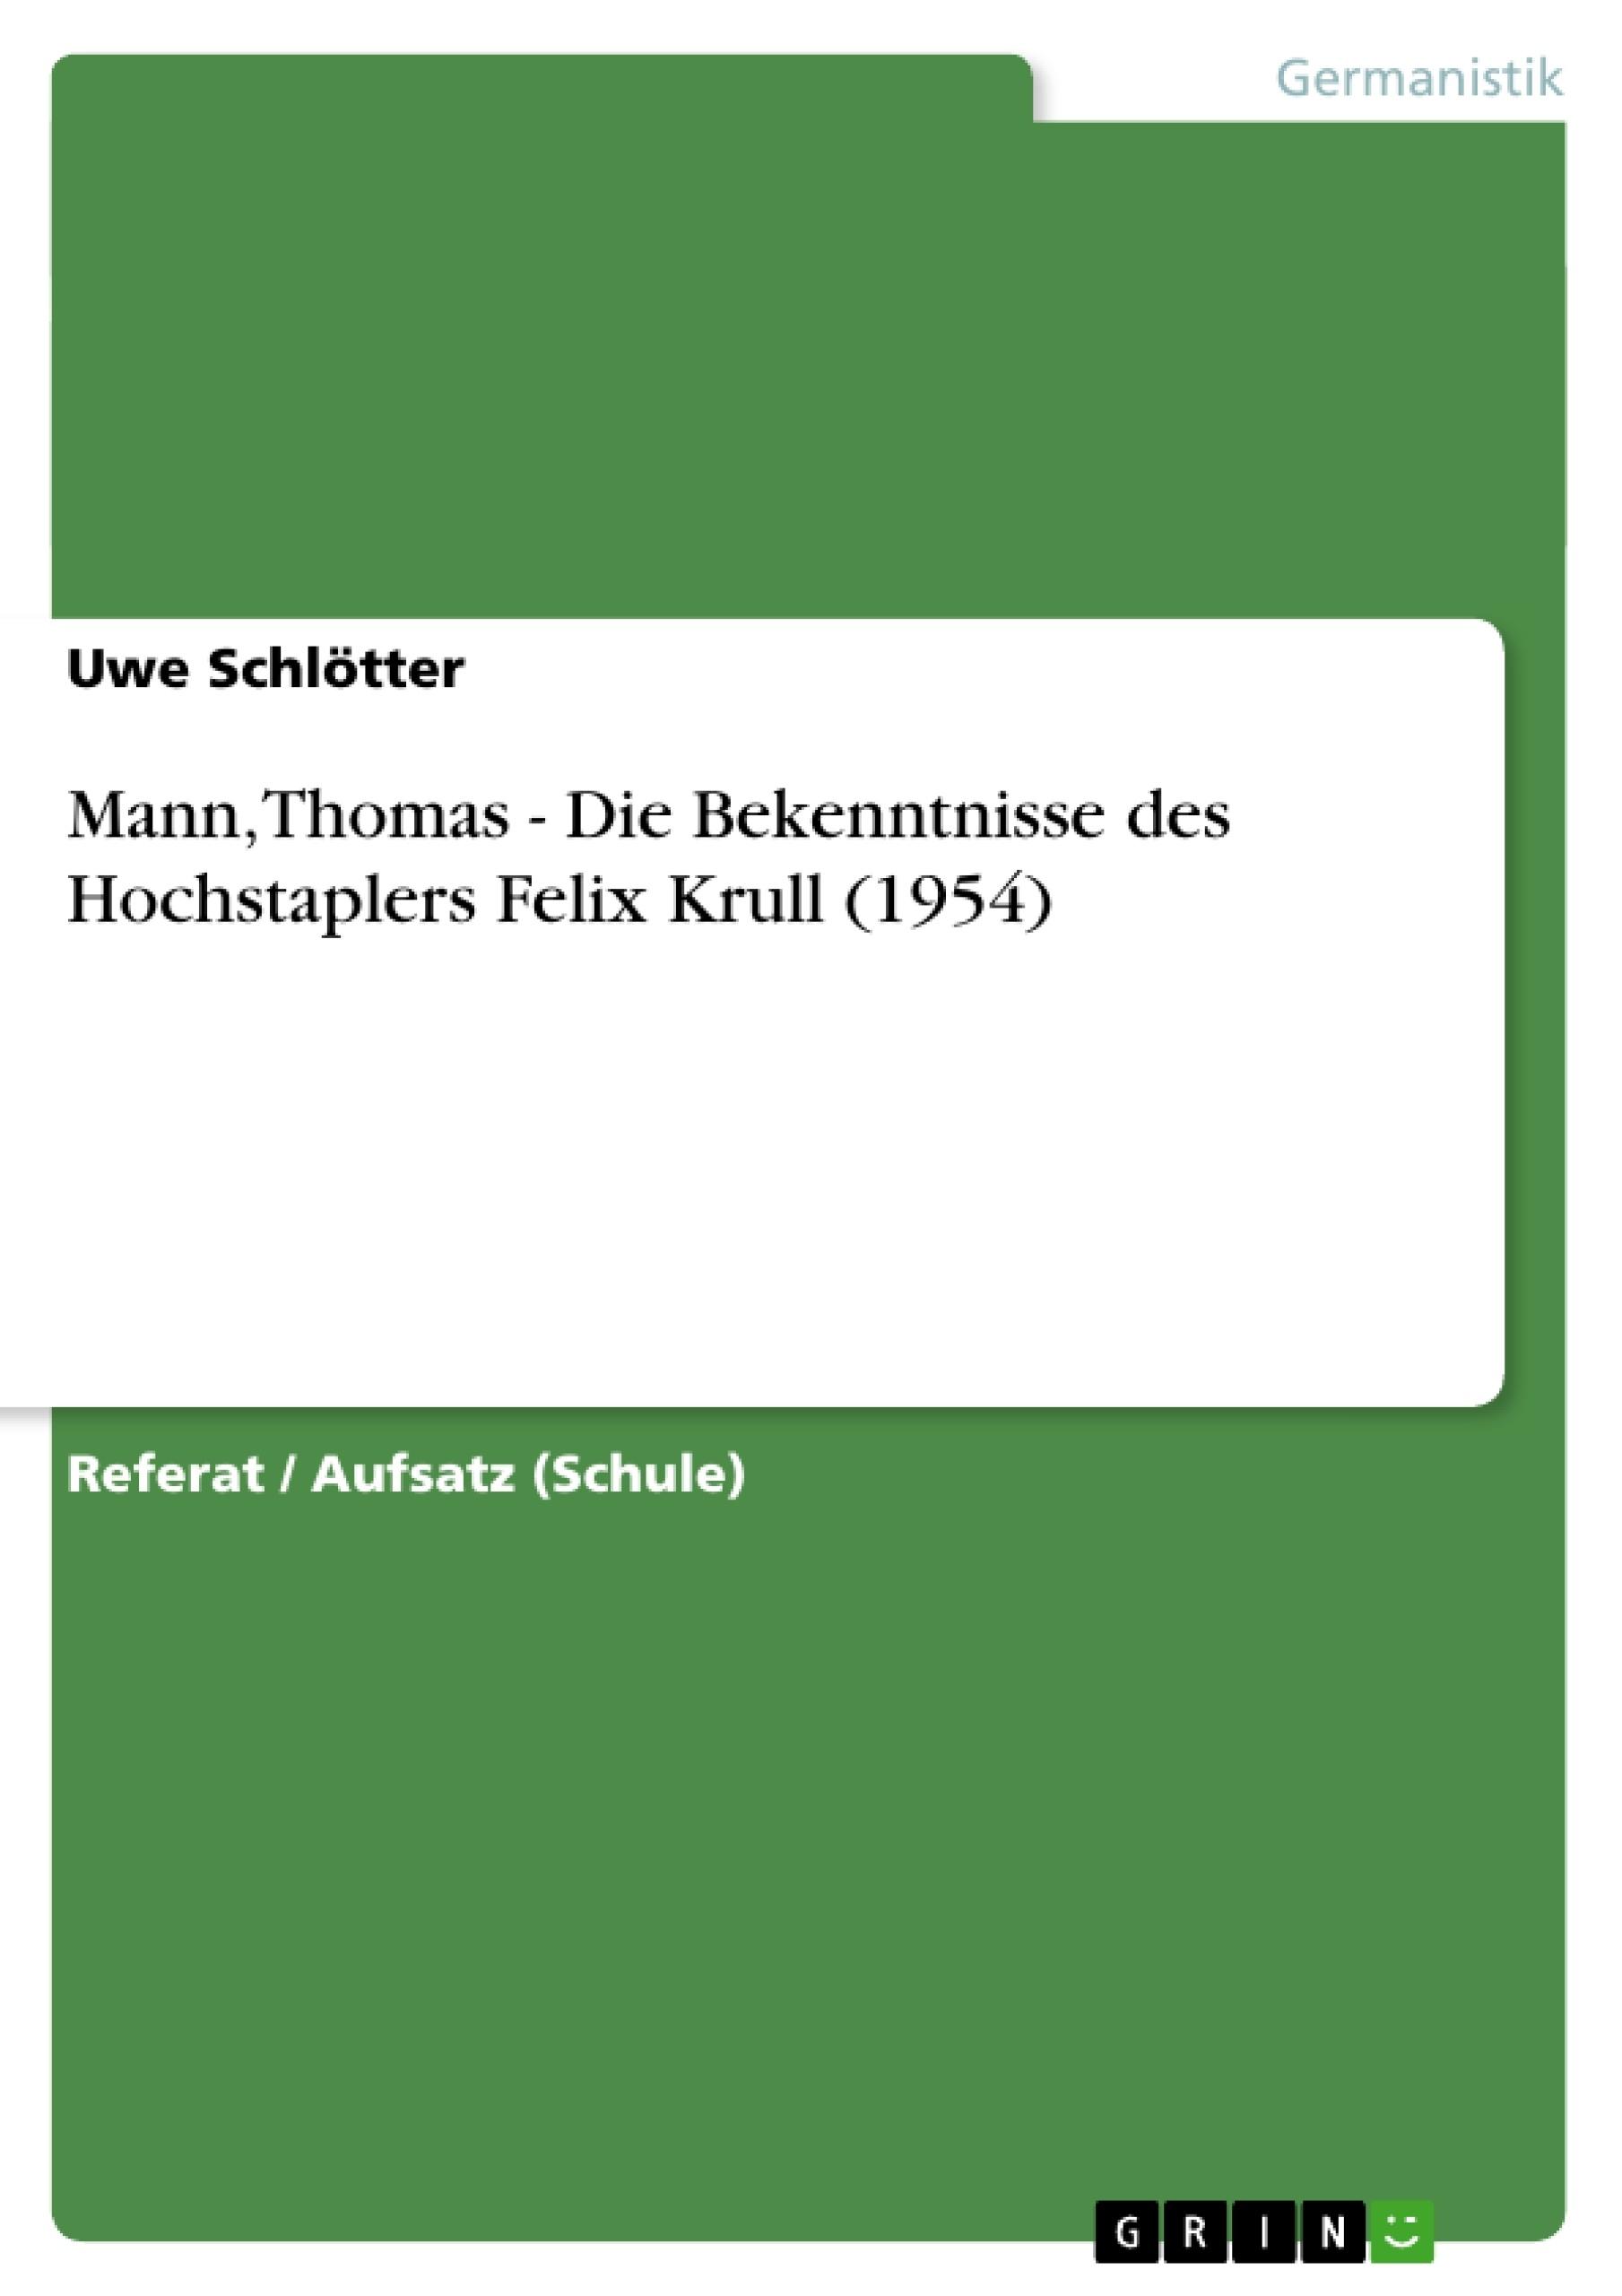 Titel: Mann, Thomas - Die Bekenntnisse des Hochstaplers Felix Krull (1954)